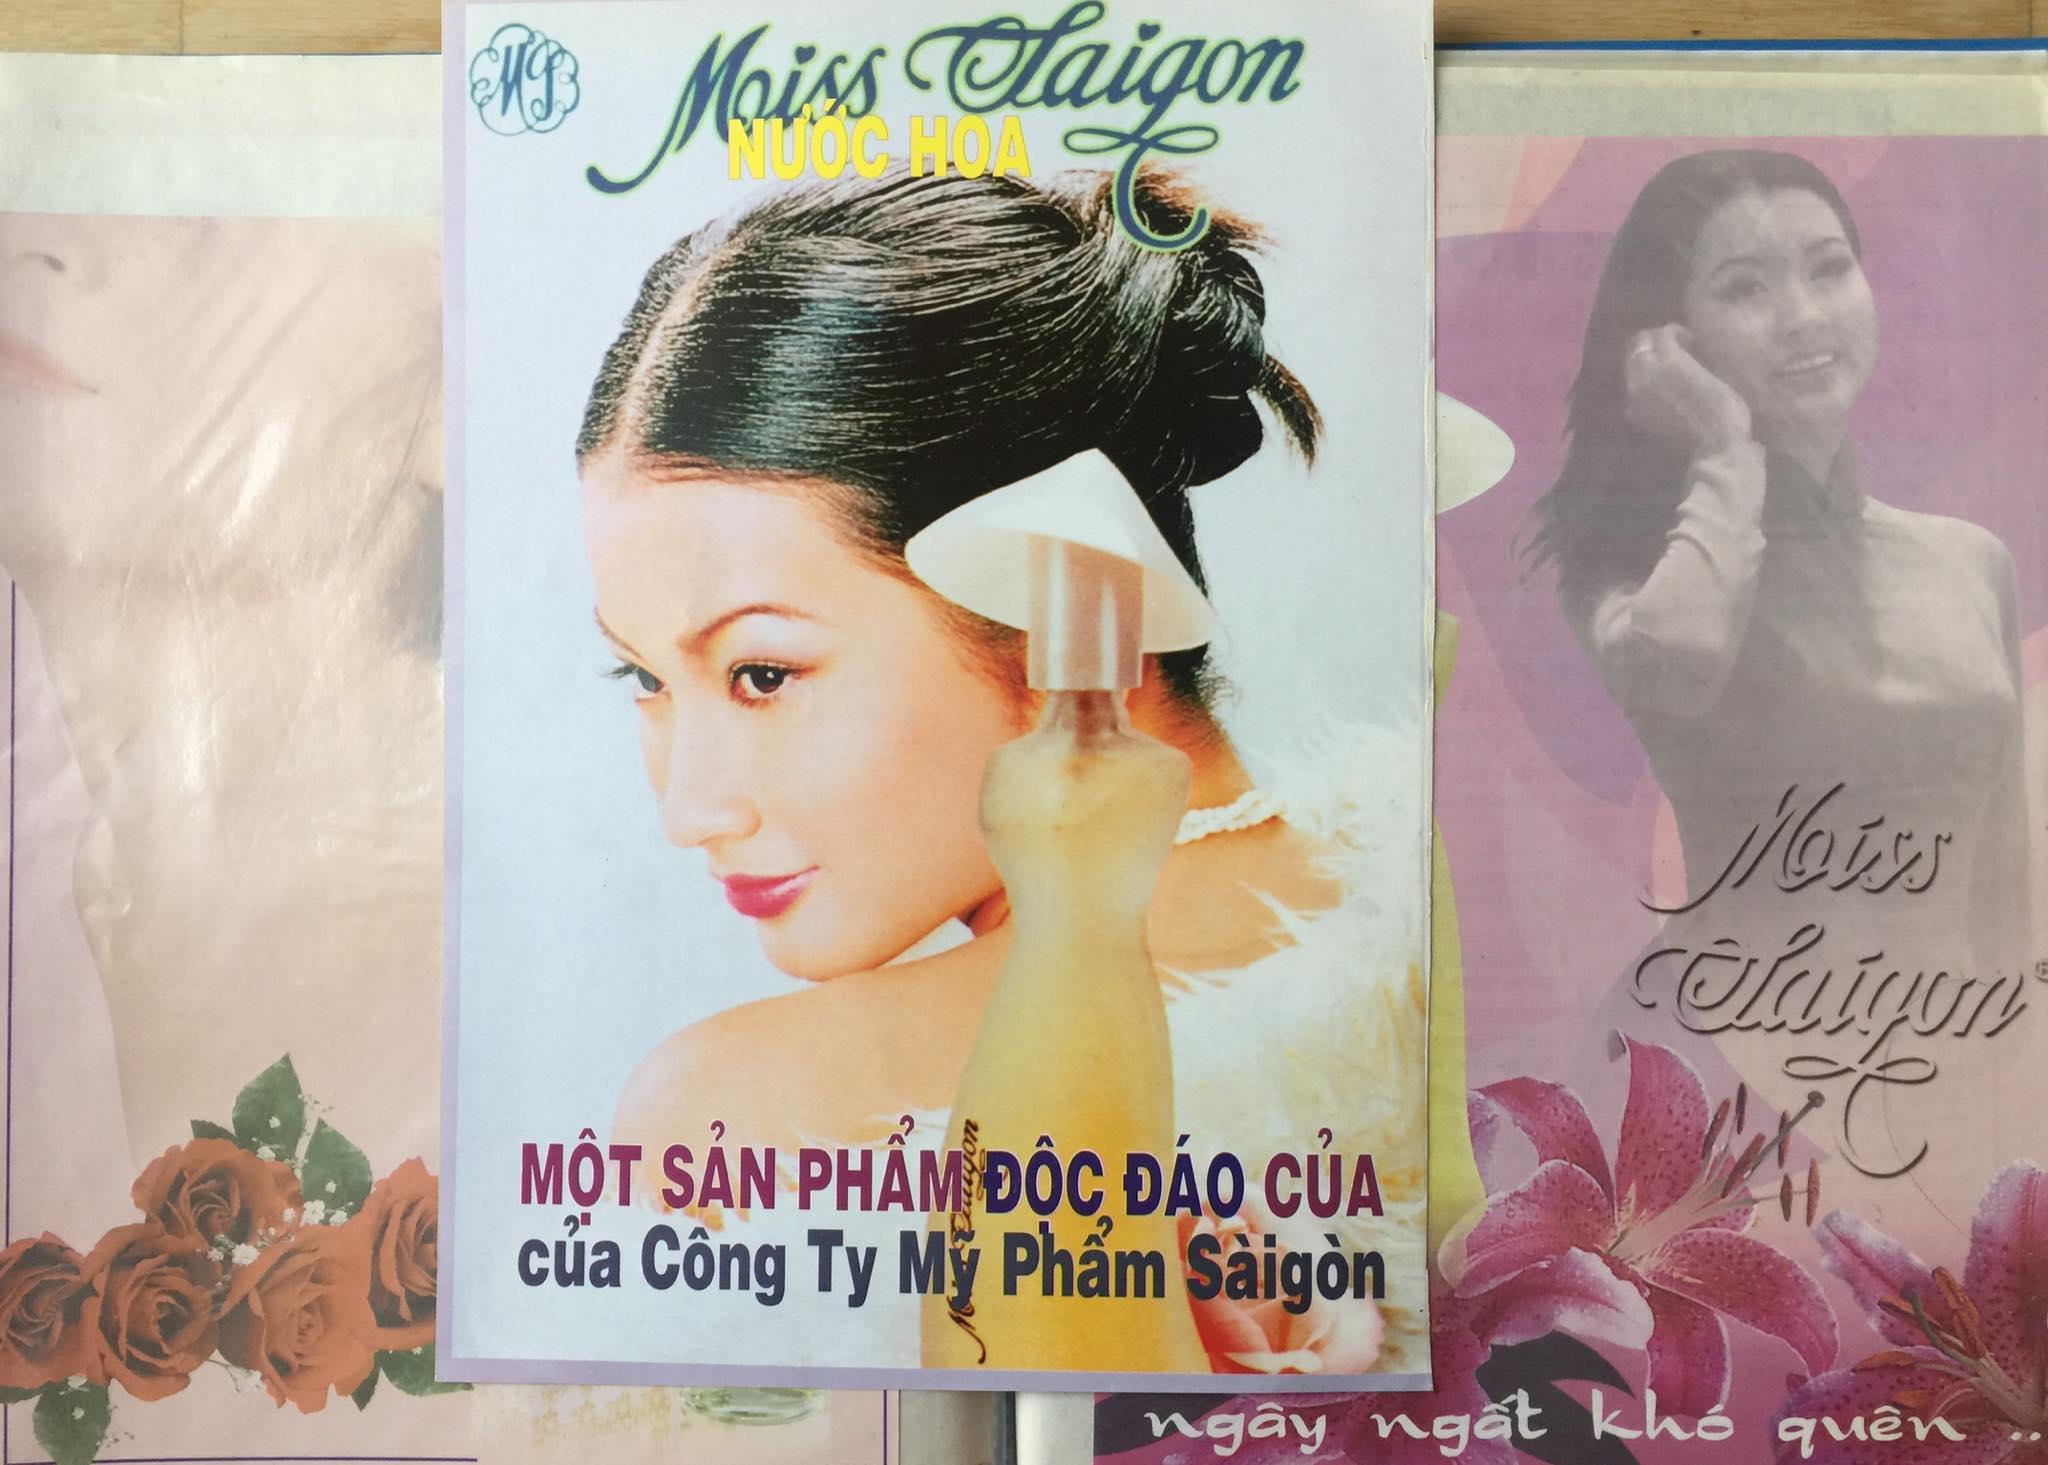 Mỹ nhân còn đắt show quảng cáo, trong đó hình ảnh biểu tượng cho nước hoa Miss Saigon đã trở nên khó quên với khán giả nhiều thế hệ ở TP HCM.